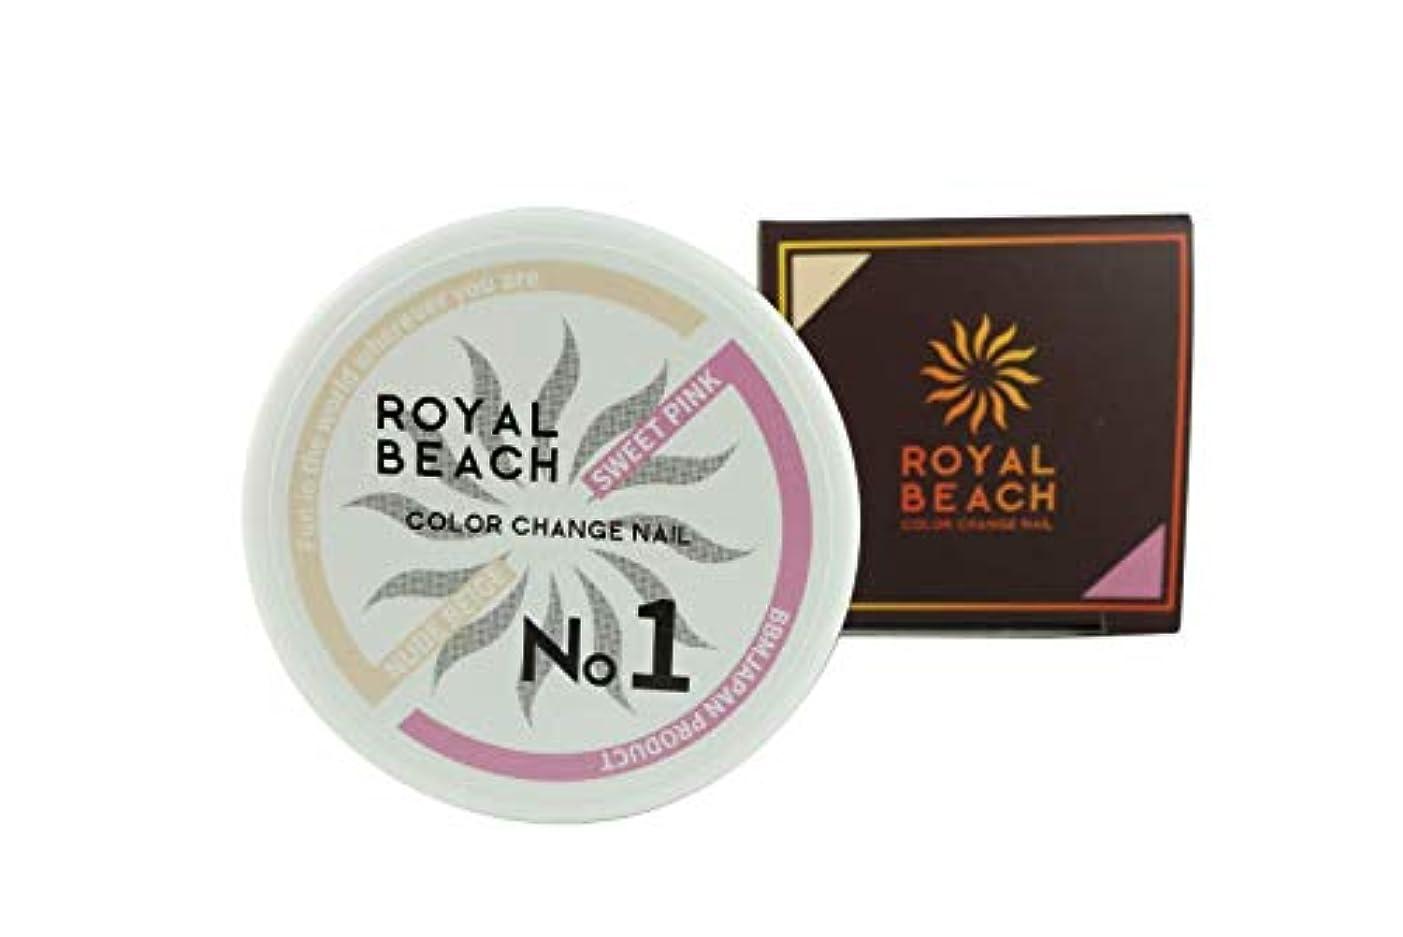 相手有利労働ROIYALBEACH (ロイヤルビーチ) カラーチェンジ ジェルネイル 太陽で色が変わるジェルネイル 全10種 ネイルデザイン ジェルネイル (ヌードベージュ & スイートピンク)